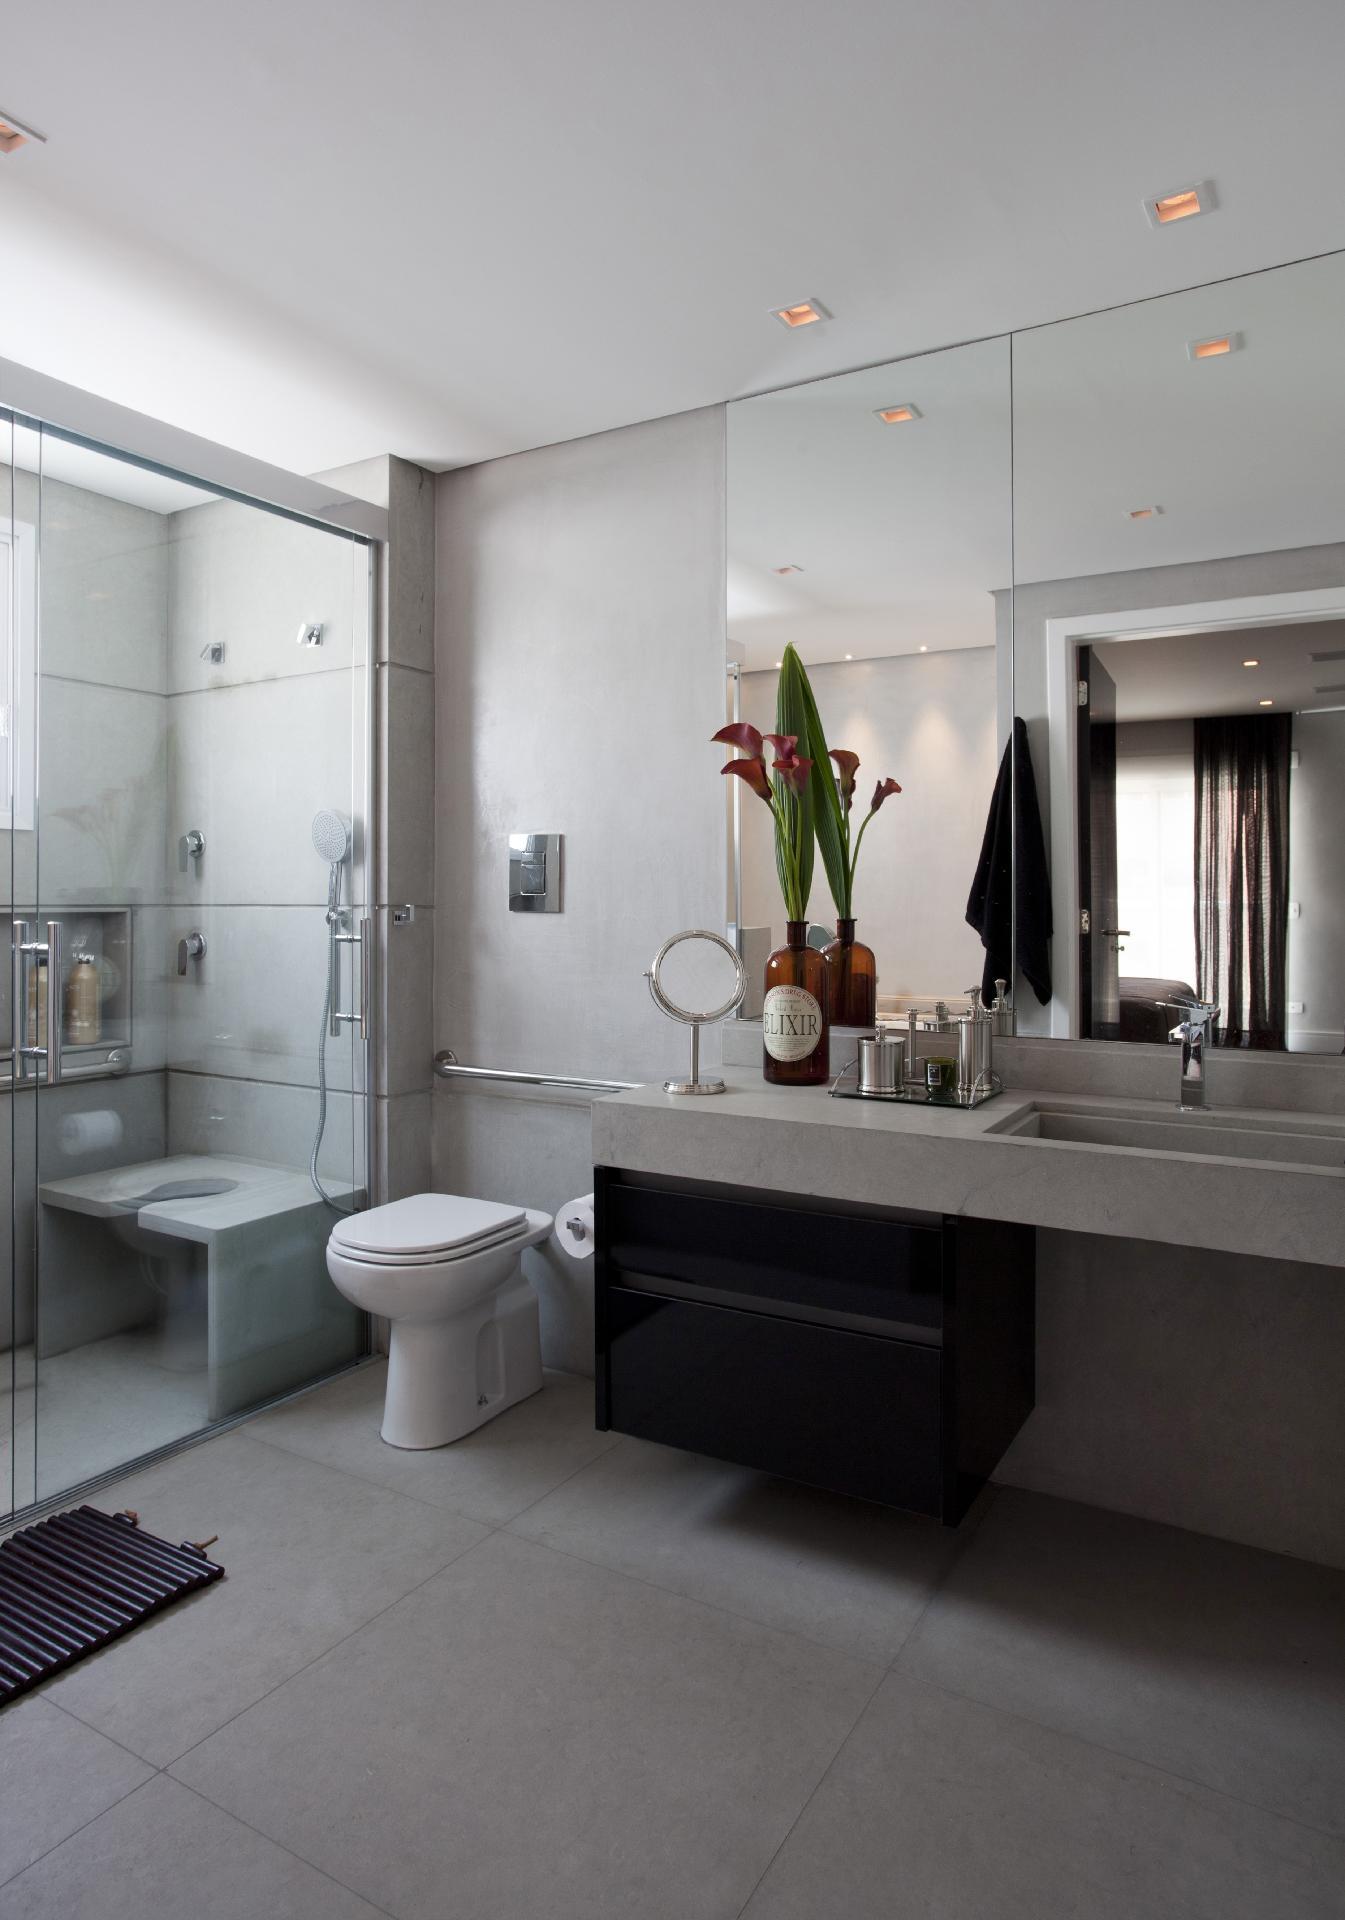 banheiro as adaptações nas áreas de banho (com um banco) do vaso  #746357 1345x1920 Banheiro Com Pastilha Atras Do Vaso Sanitario